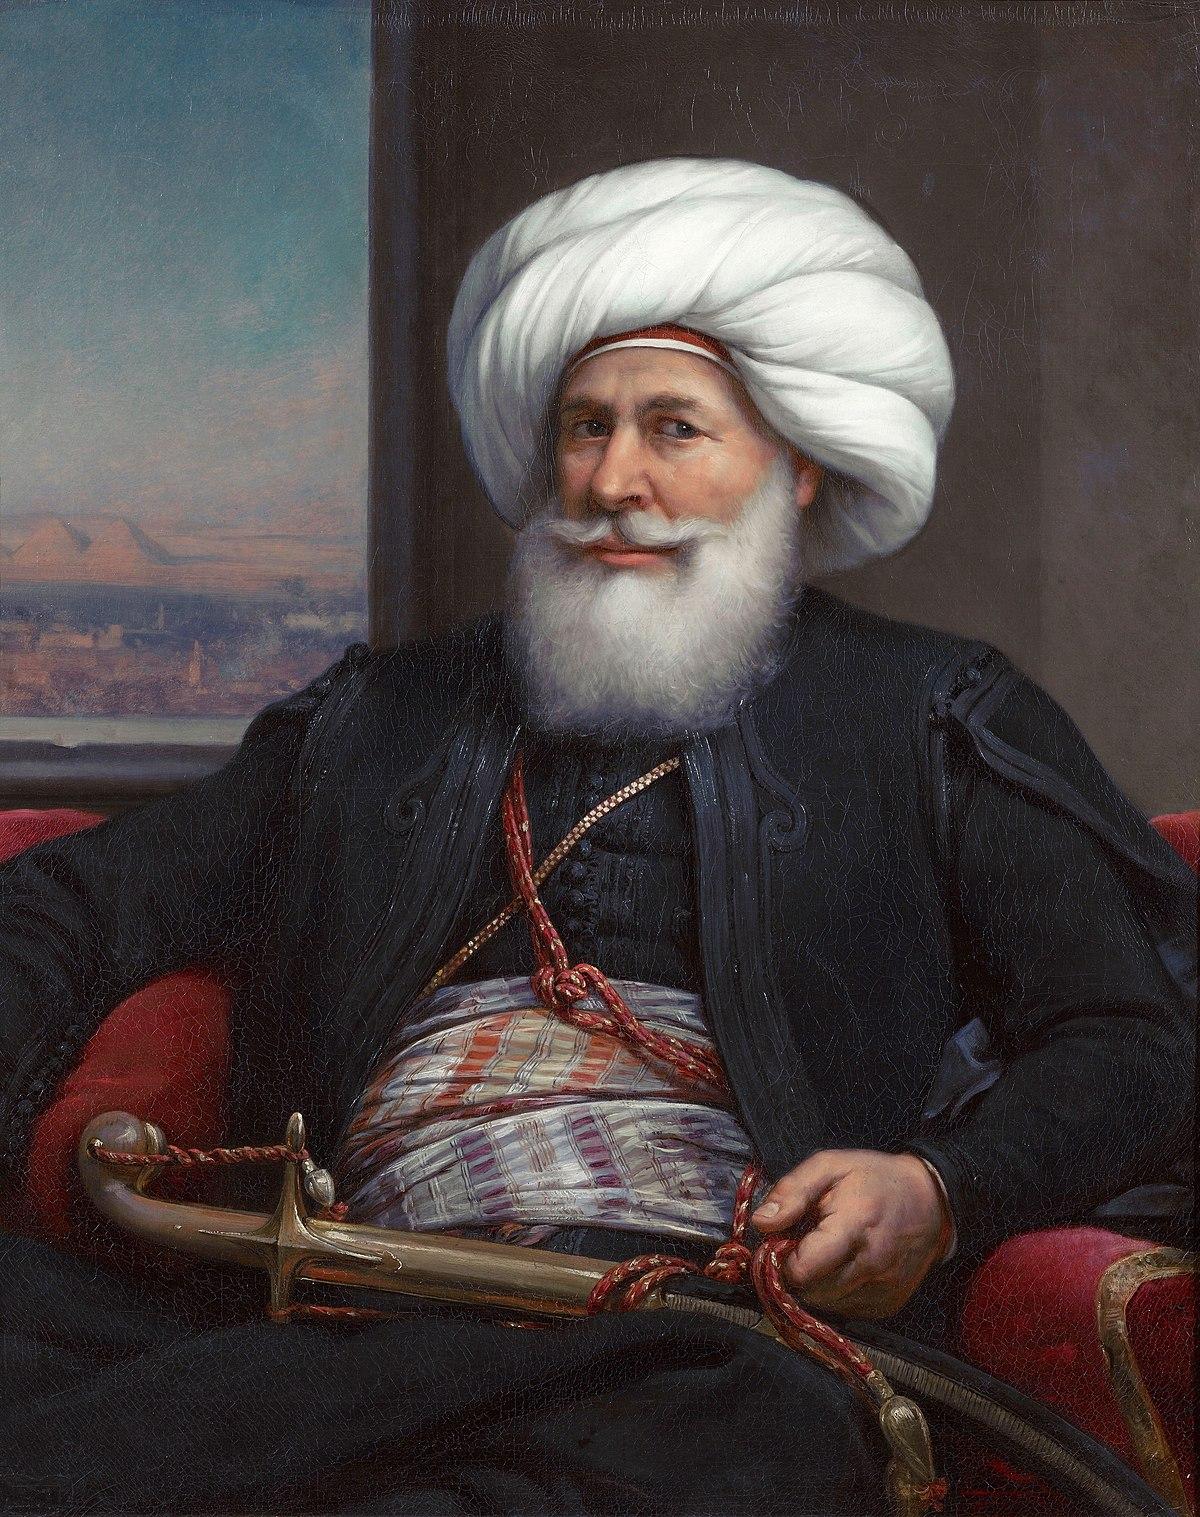 محمد علي باشا: سيرة شخصية - والي مصر - مؤسس الدولة المصرية الحديثة - الإصلاحات الإدارية والاقتصادية التي أجراها محمد علي باشا